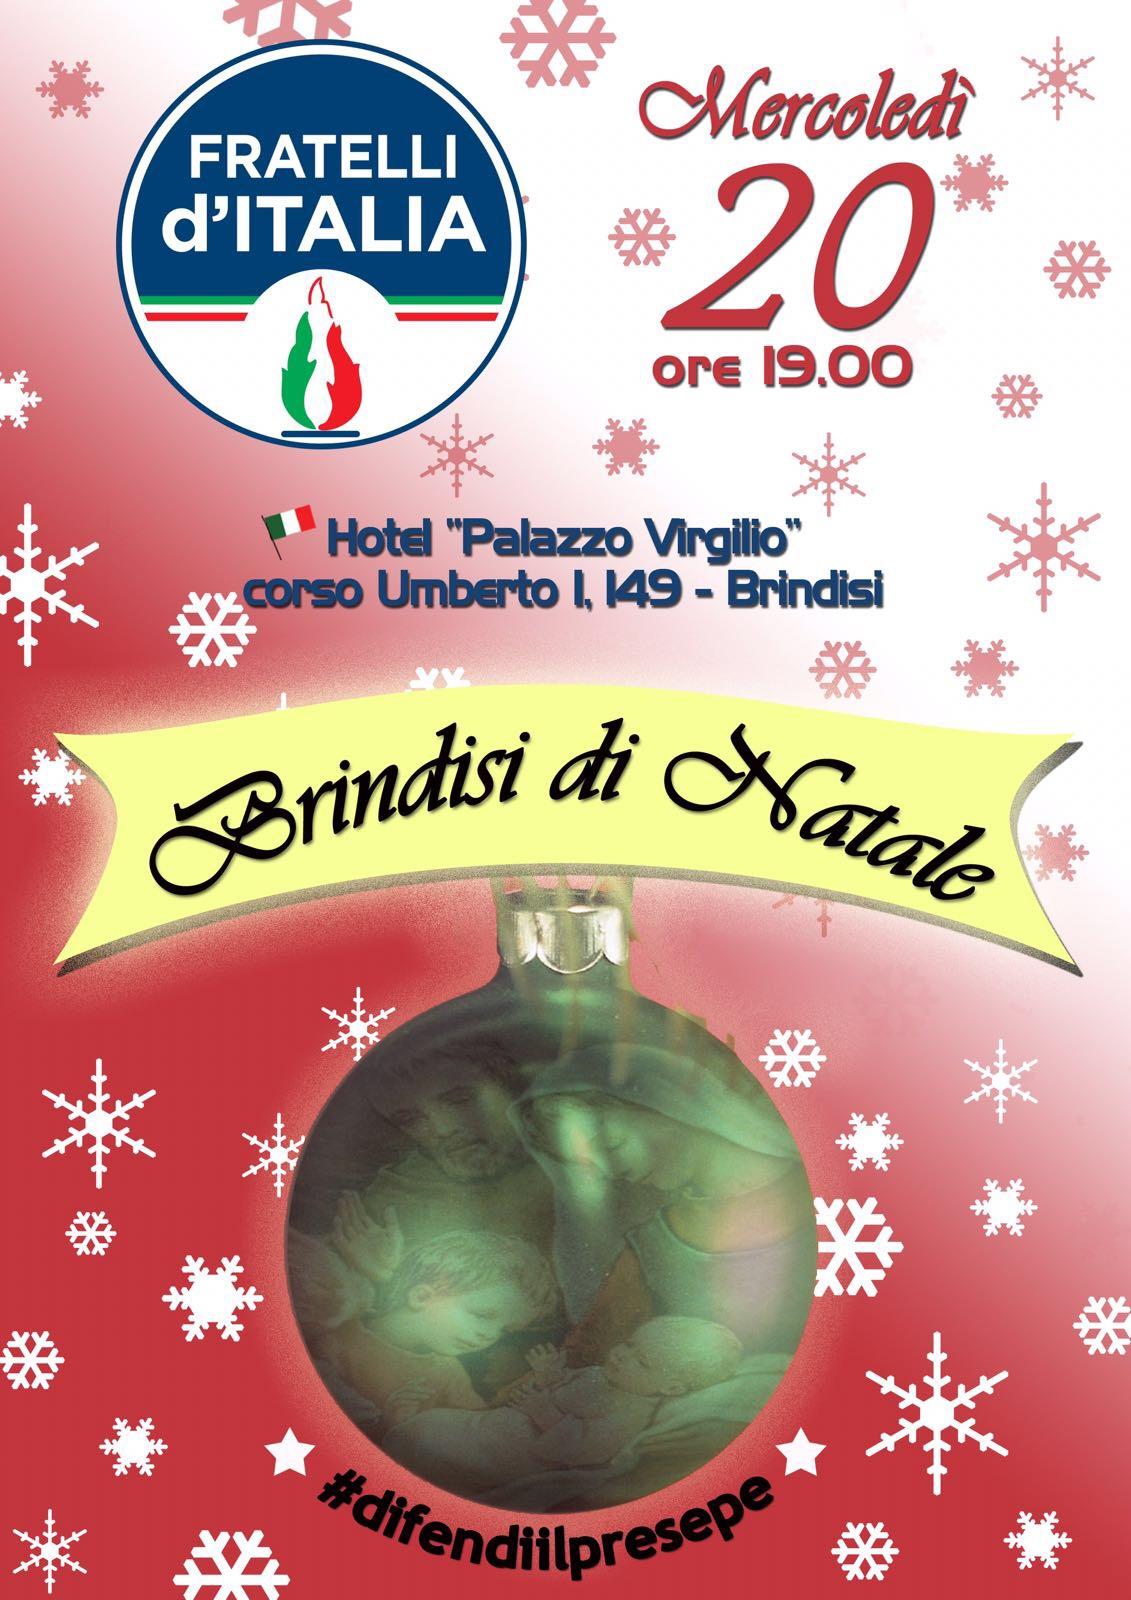 Scambio Auguri Di Natale.Fratelli D Italia Mercoledi A Palazzo Virgilio Scambio Di Auguri Di Buon Natale Brindisi Brundisium Net